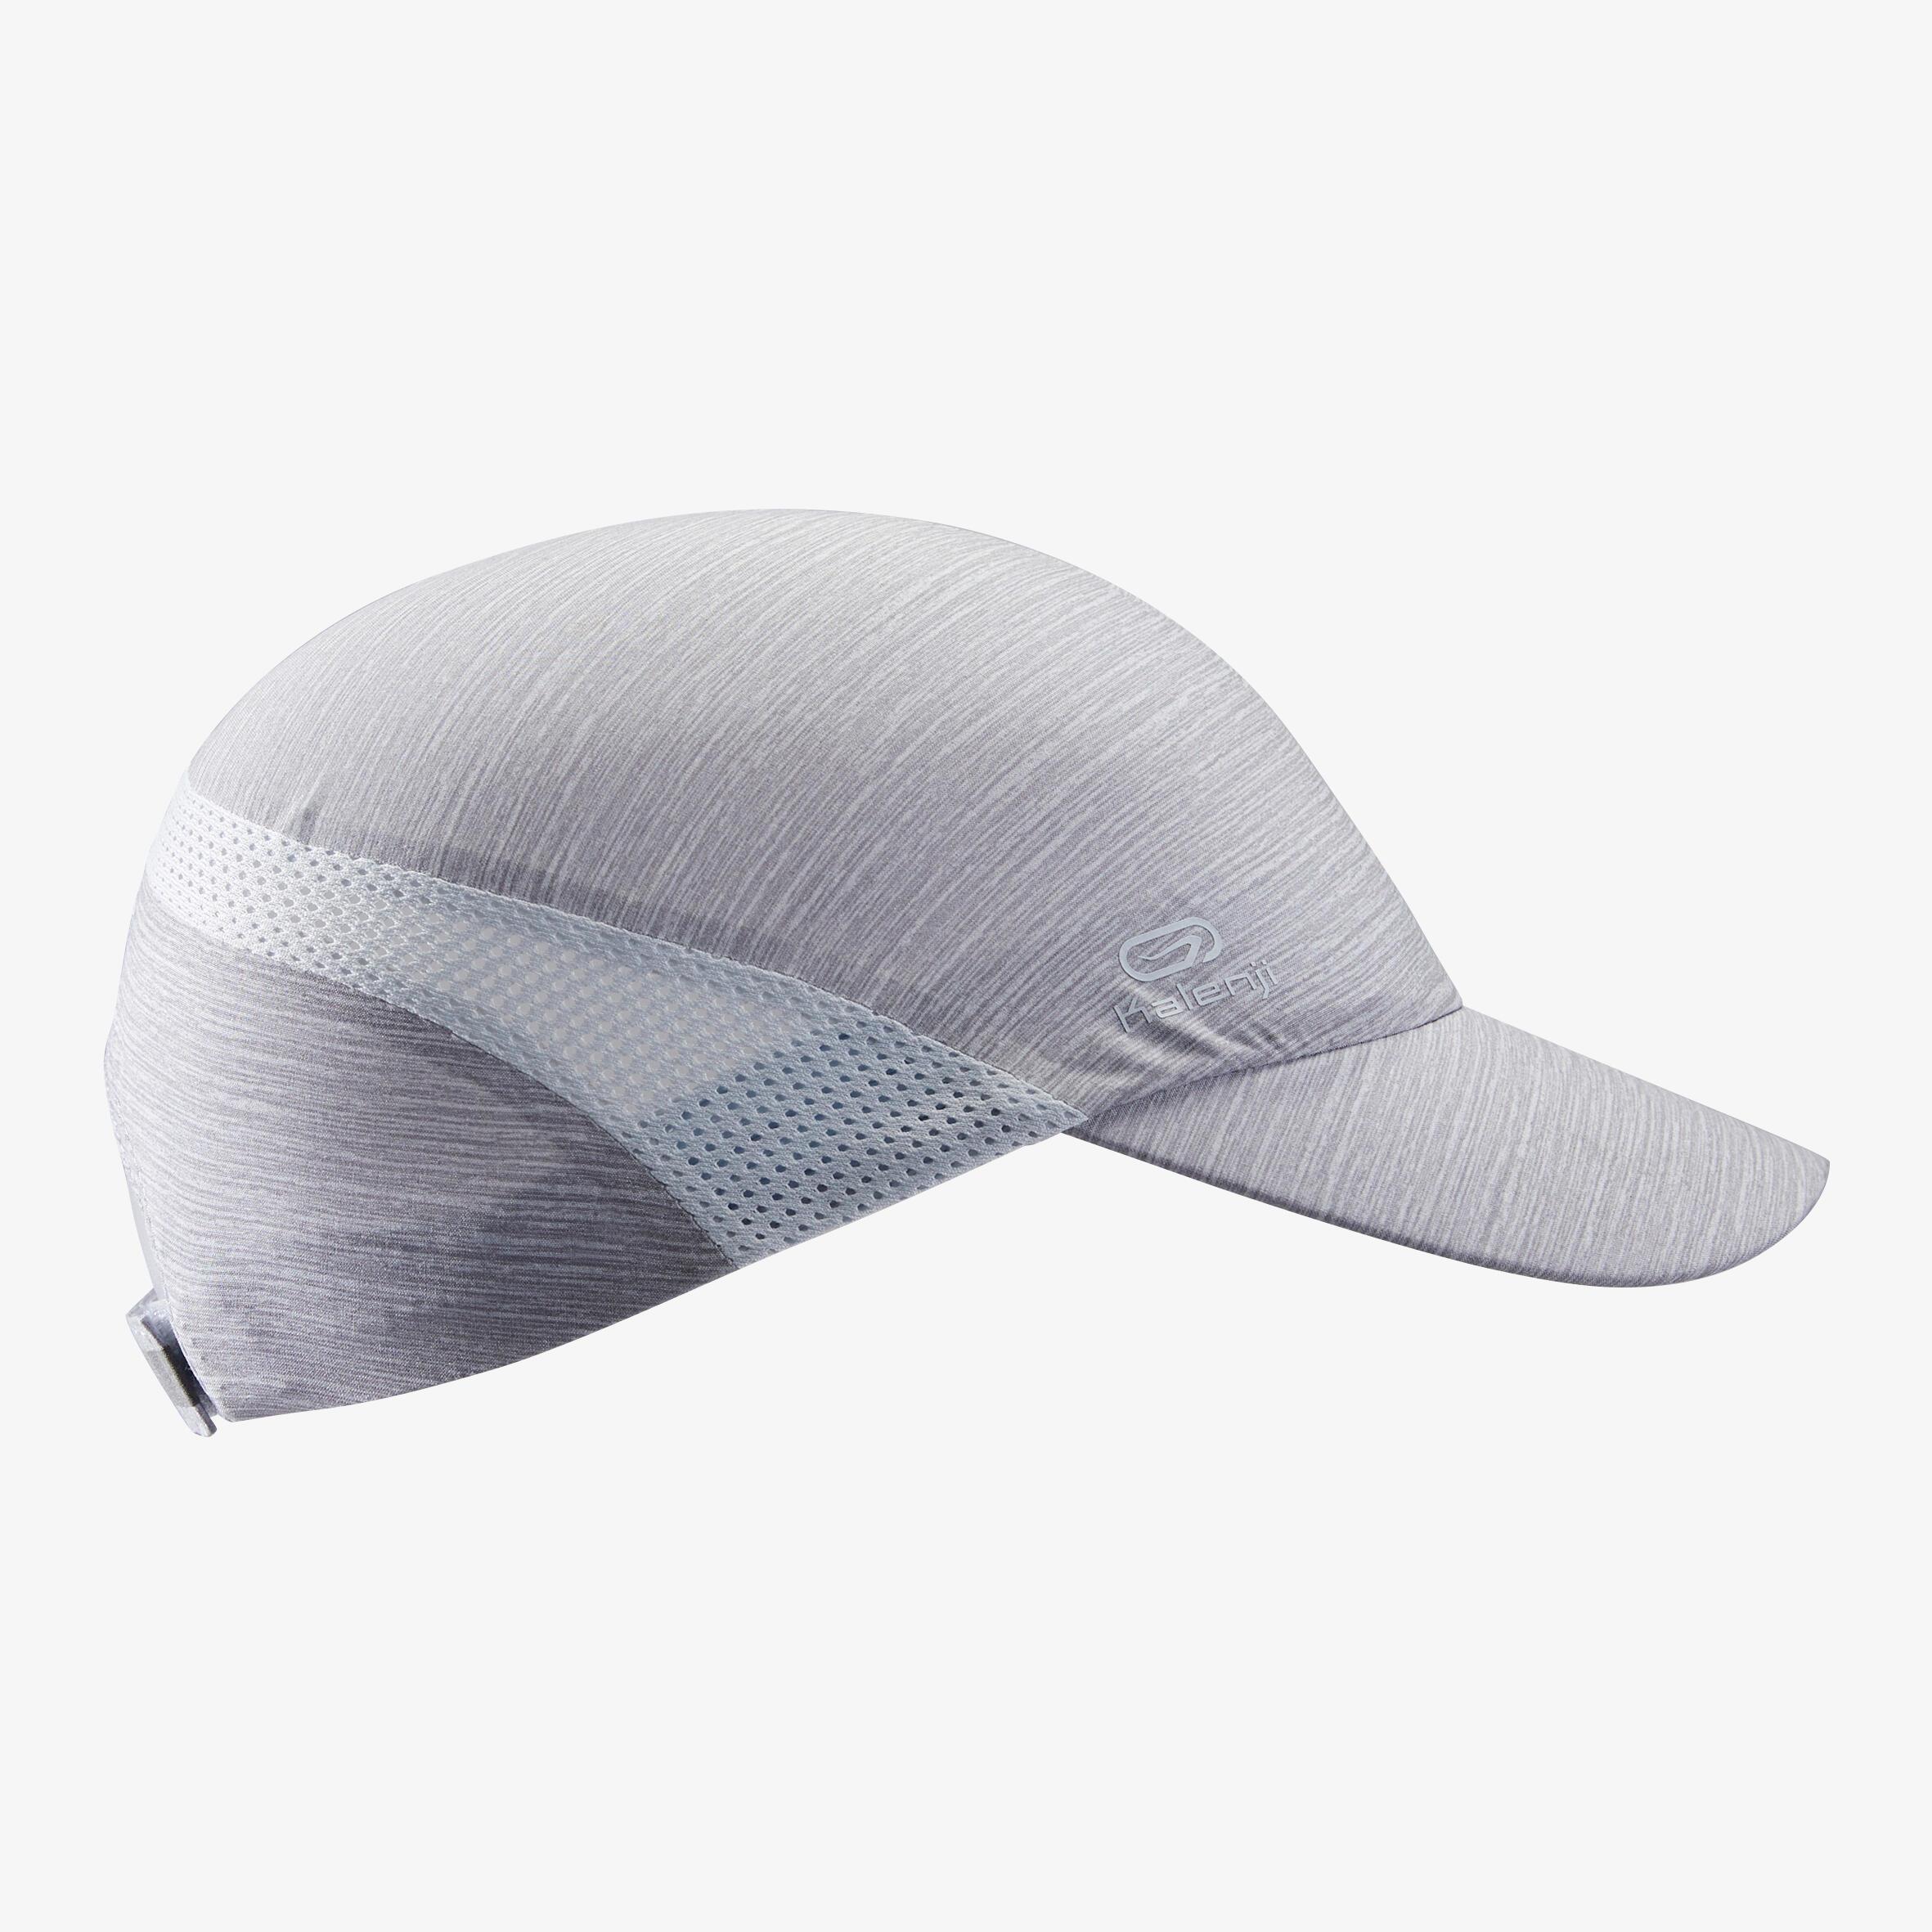 Șapcă Reglabilă Jogging Adulți imagine